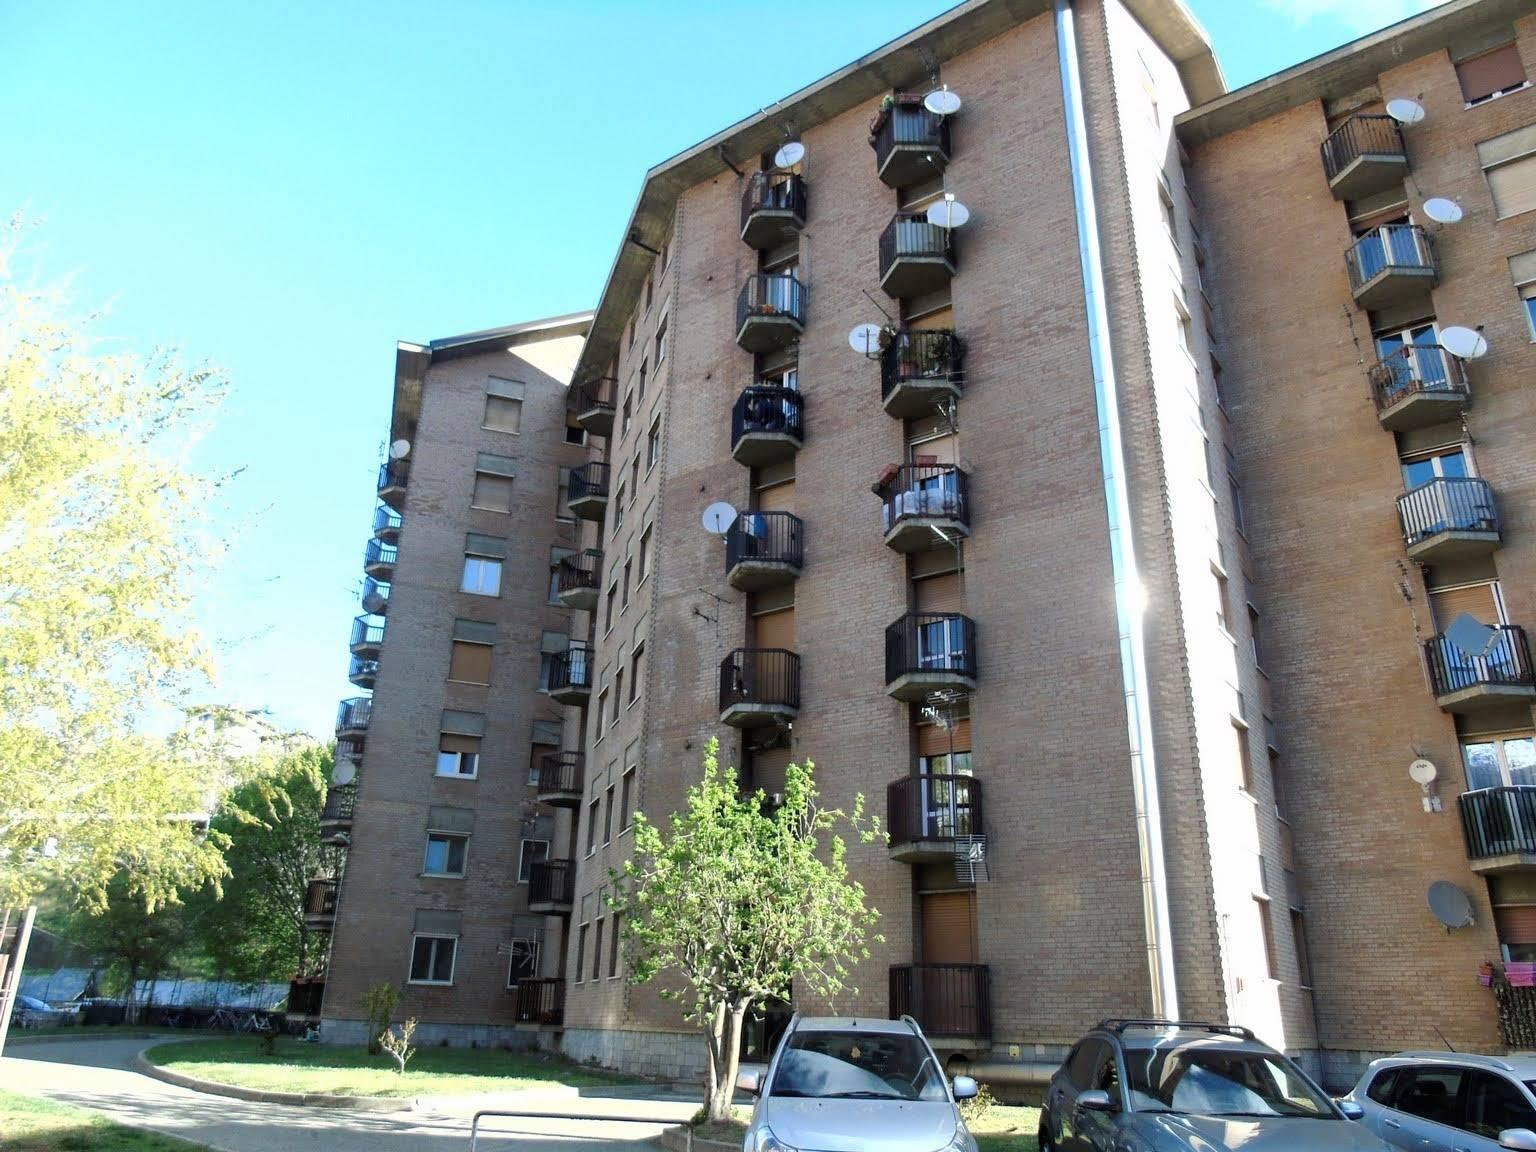 Appartamento in affitto a Aosta, 3 locali, zona ro, prezzo € 450 | PortaleAgenzieImmobiliari.it